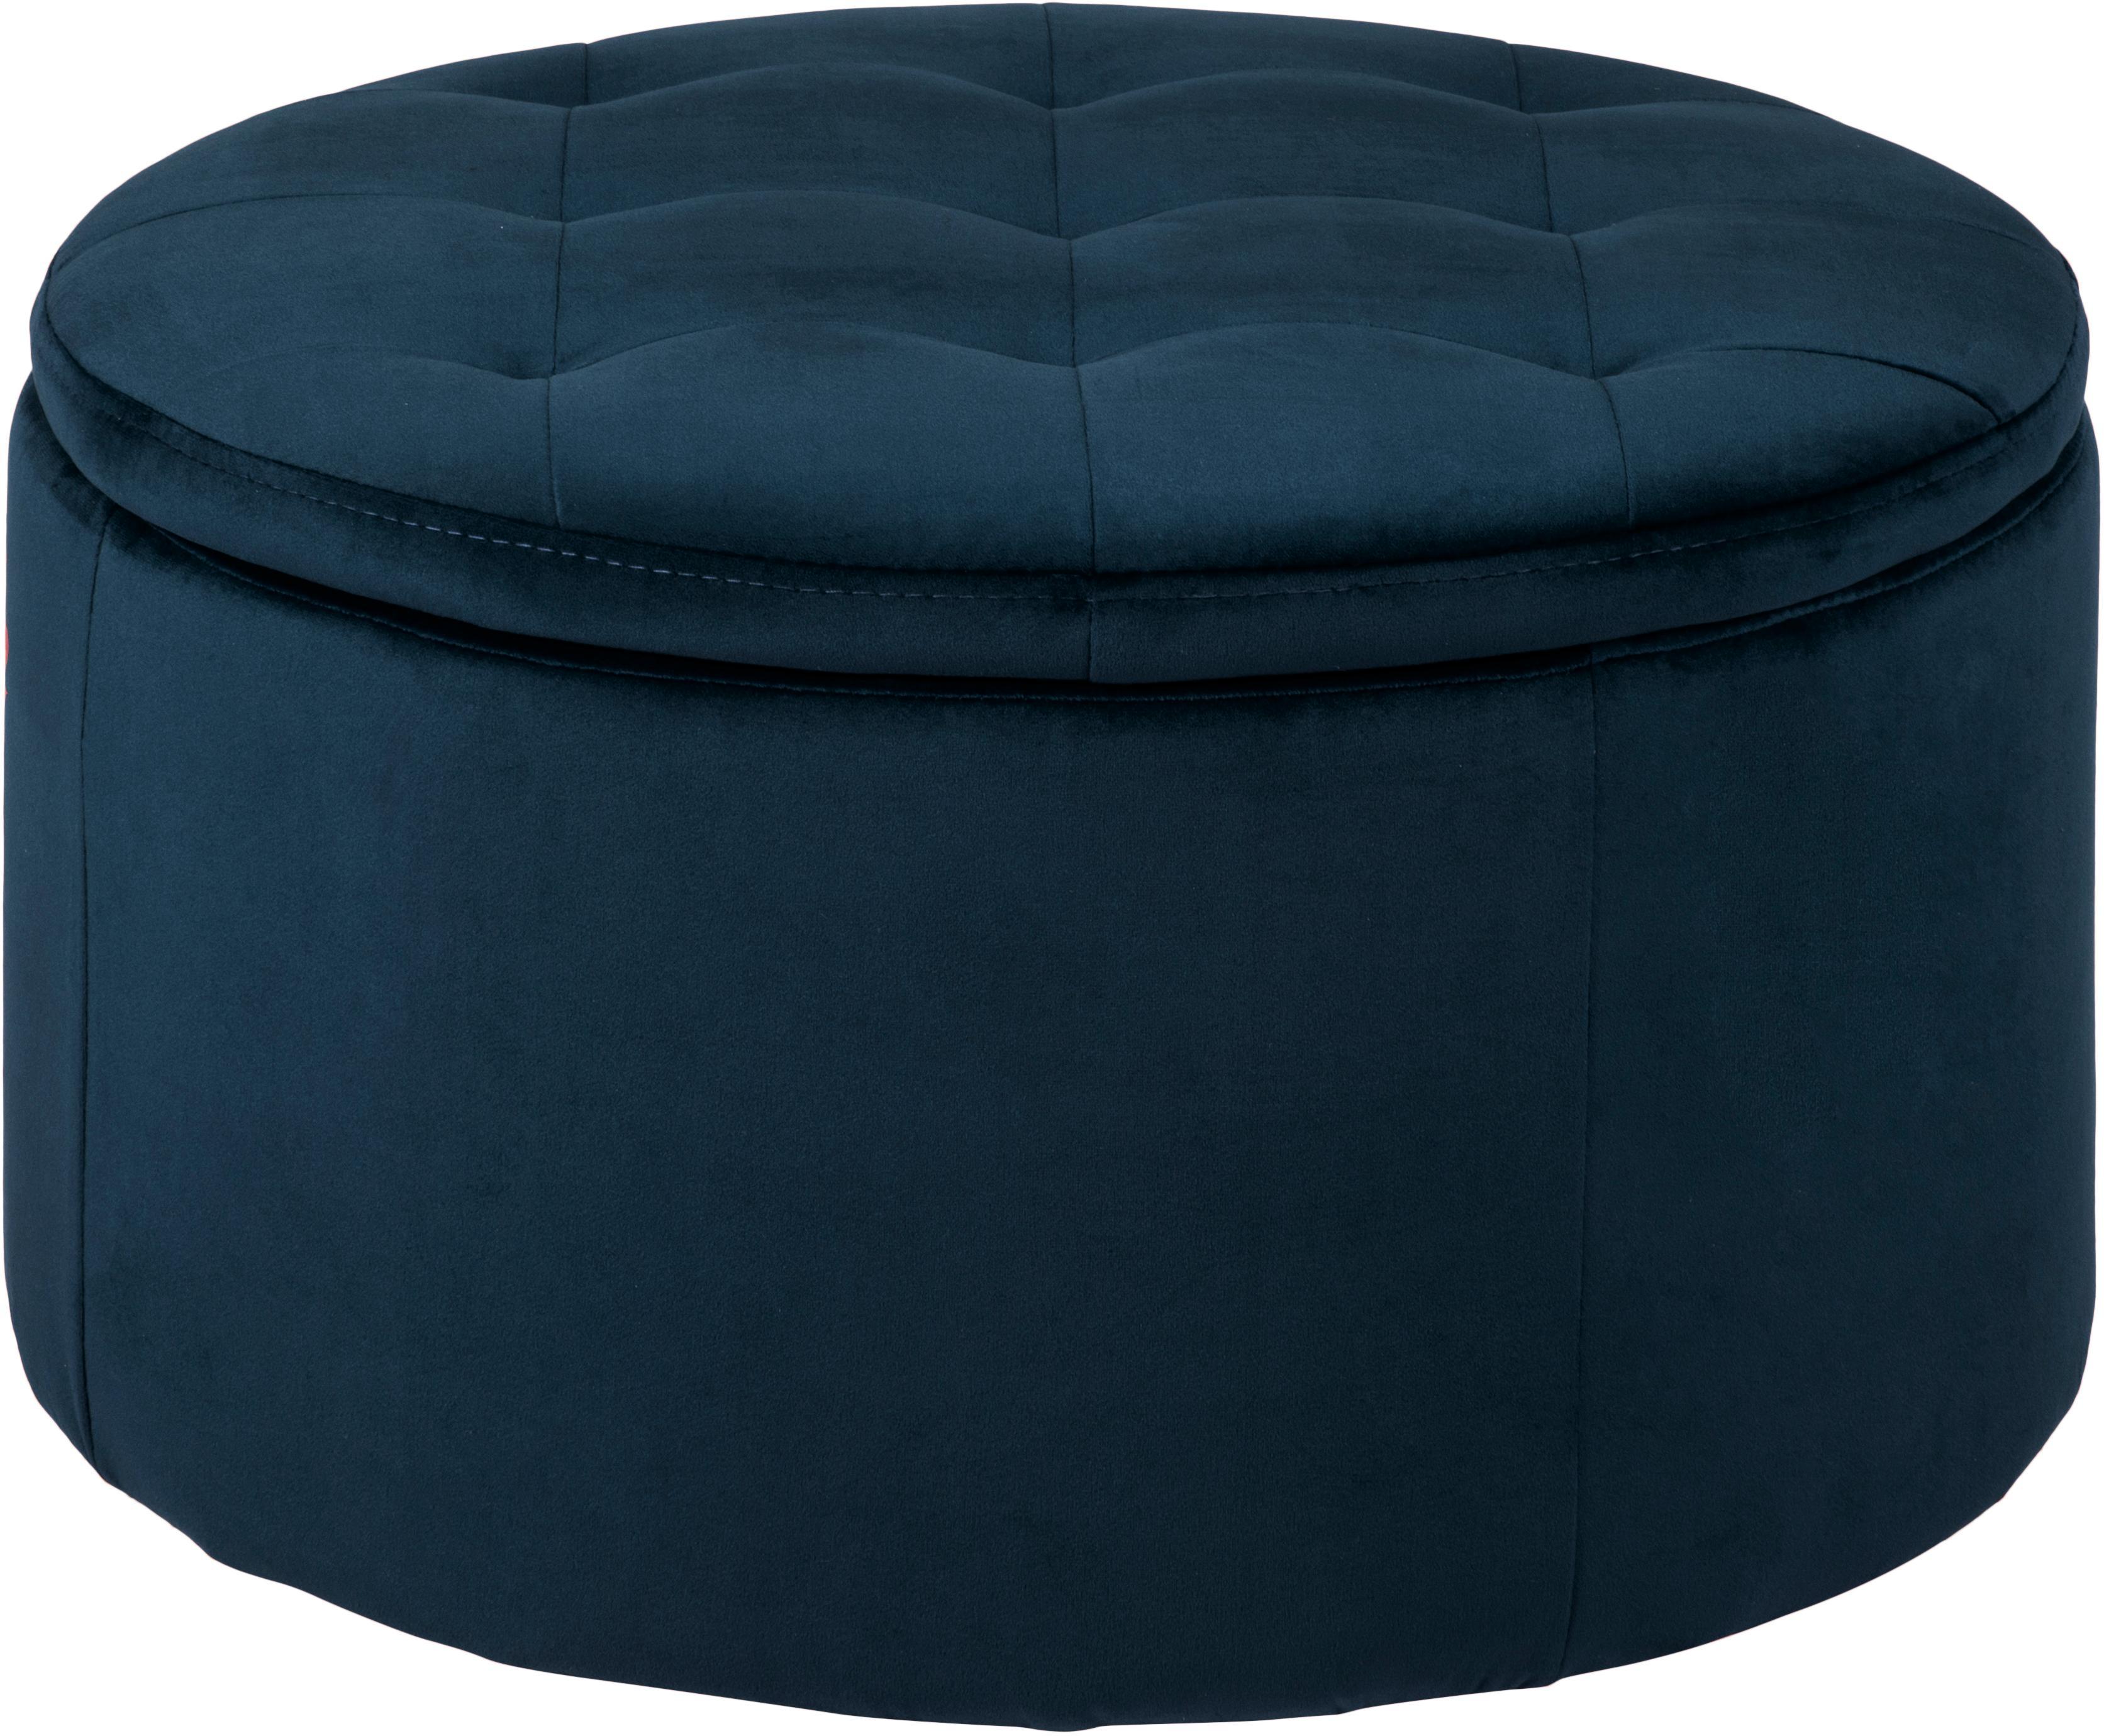 Samt-Hocker Retina mit Stauraum, Bezug: Polyestersamt 25.000 Sche, Gestell: Mitteldichte Holzfaserpla, Blau, Ø 60 x H 35 cm